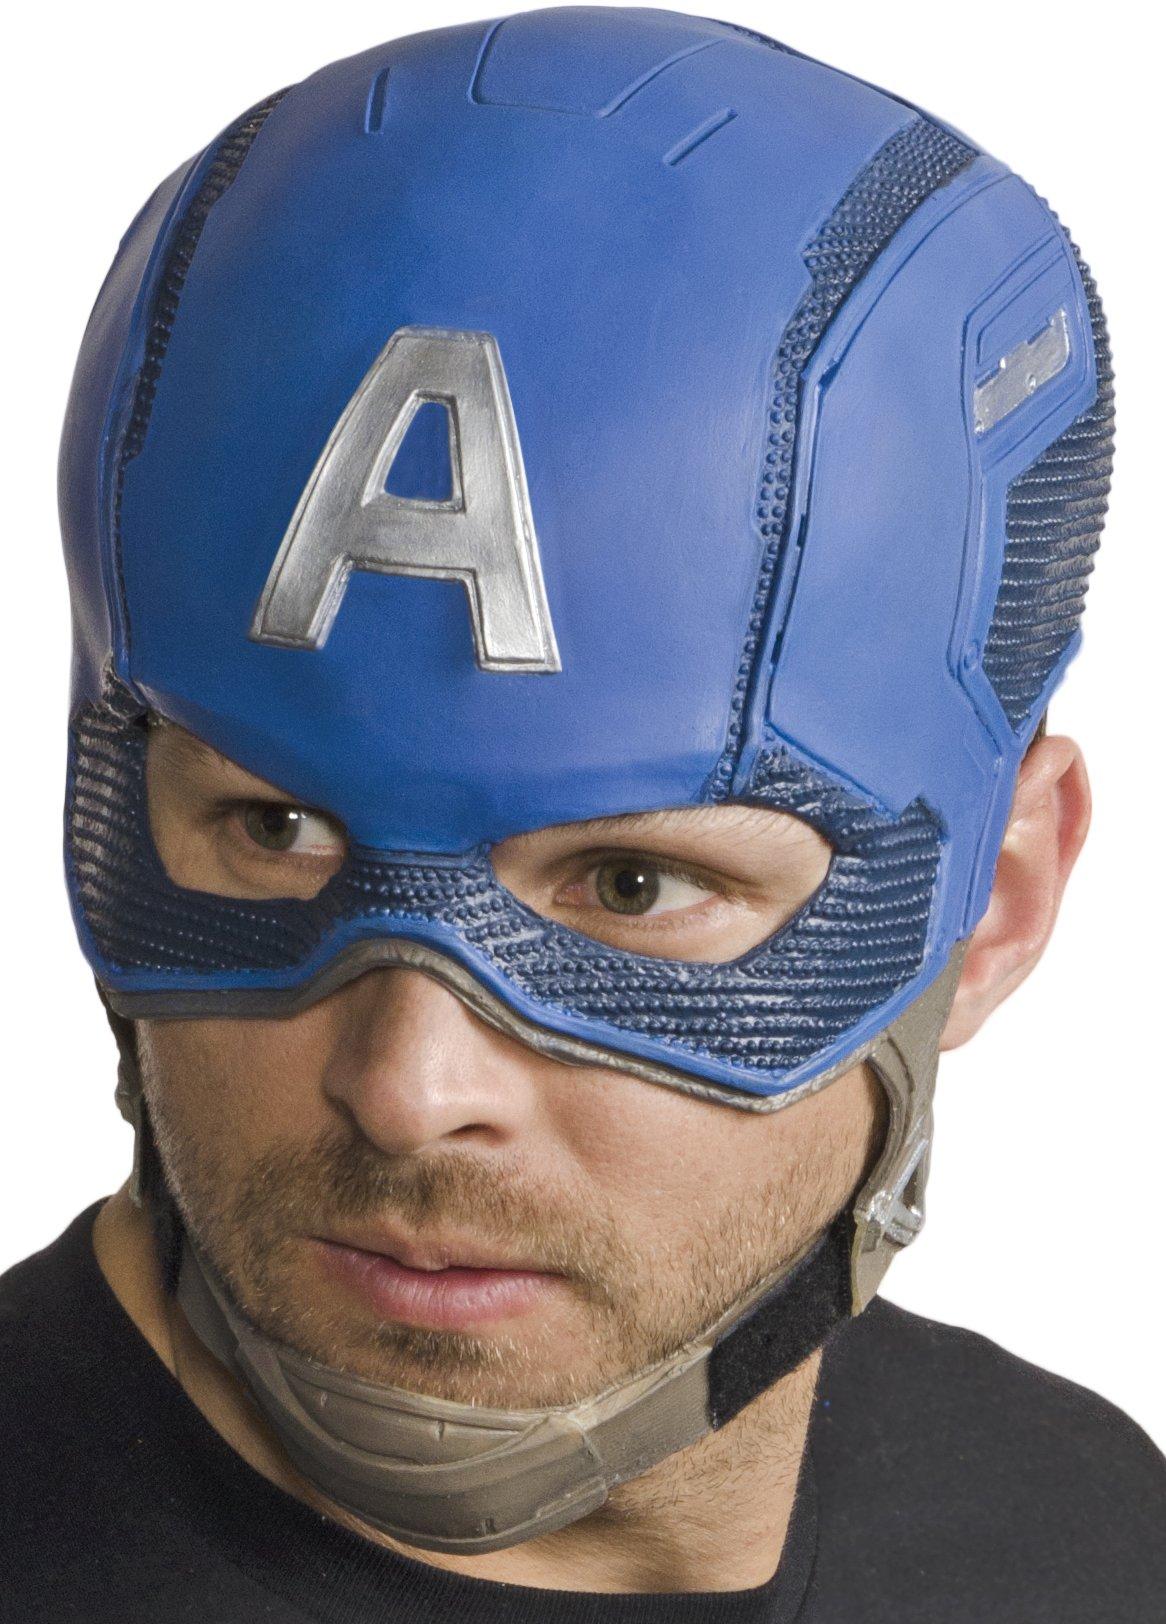 Marvel Men's Civil War Captain America Full Vinyl Mask, Multi, One Size